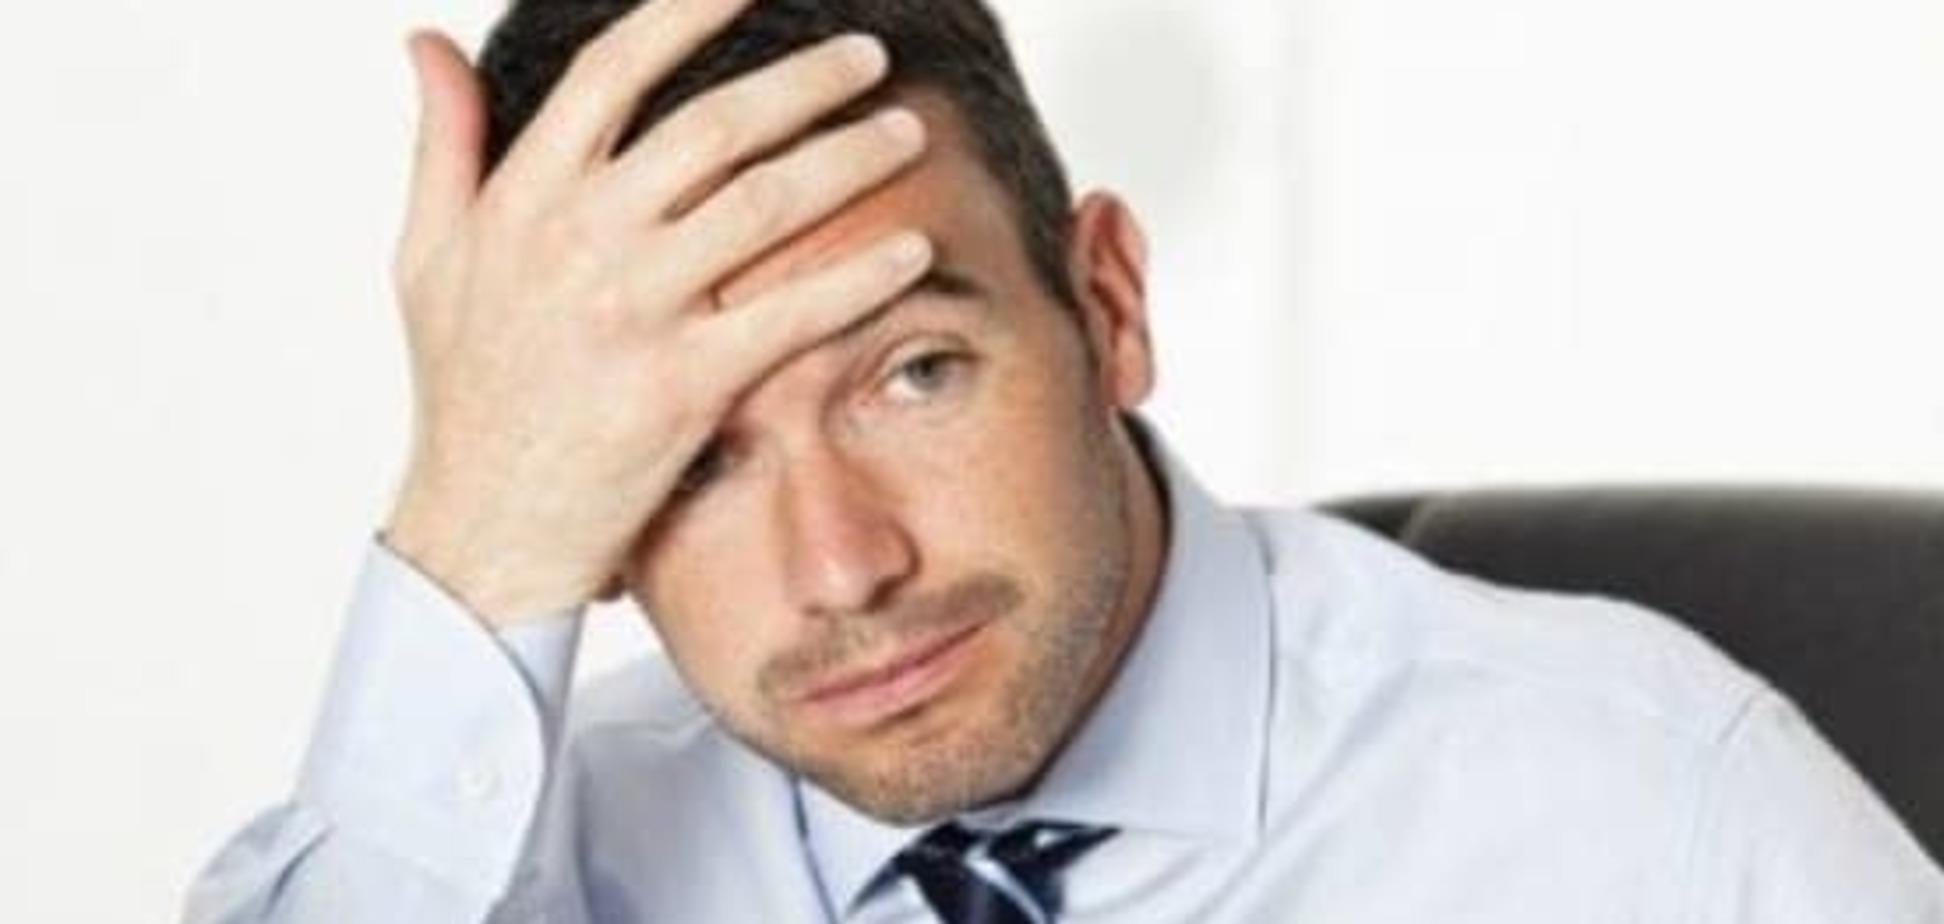 Ученые рассказали, об очень простом способе лечения депрессии